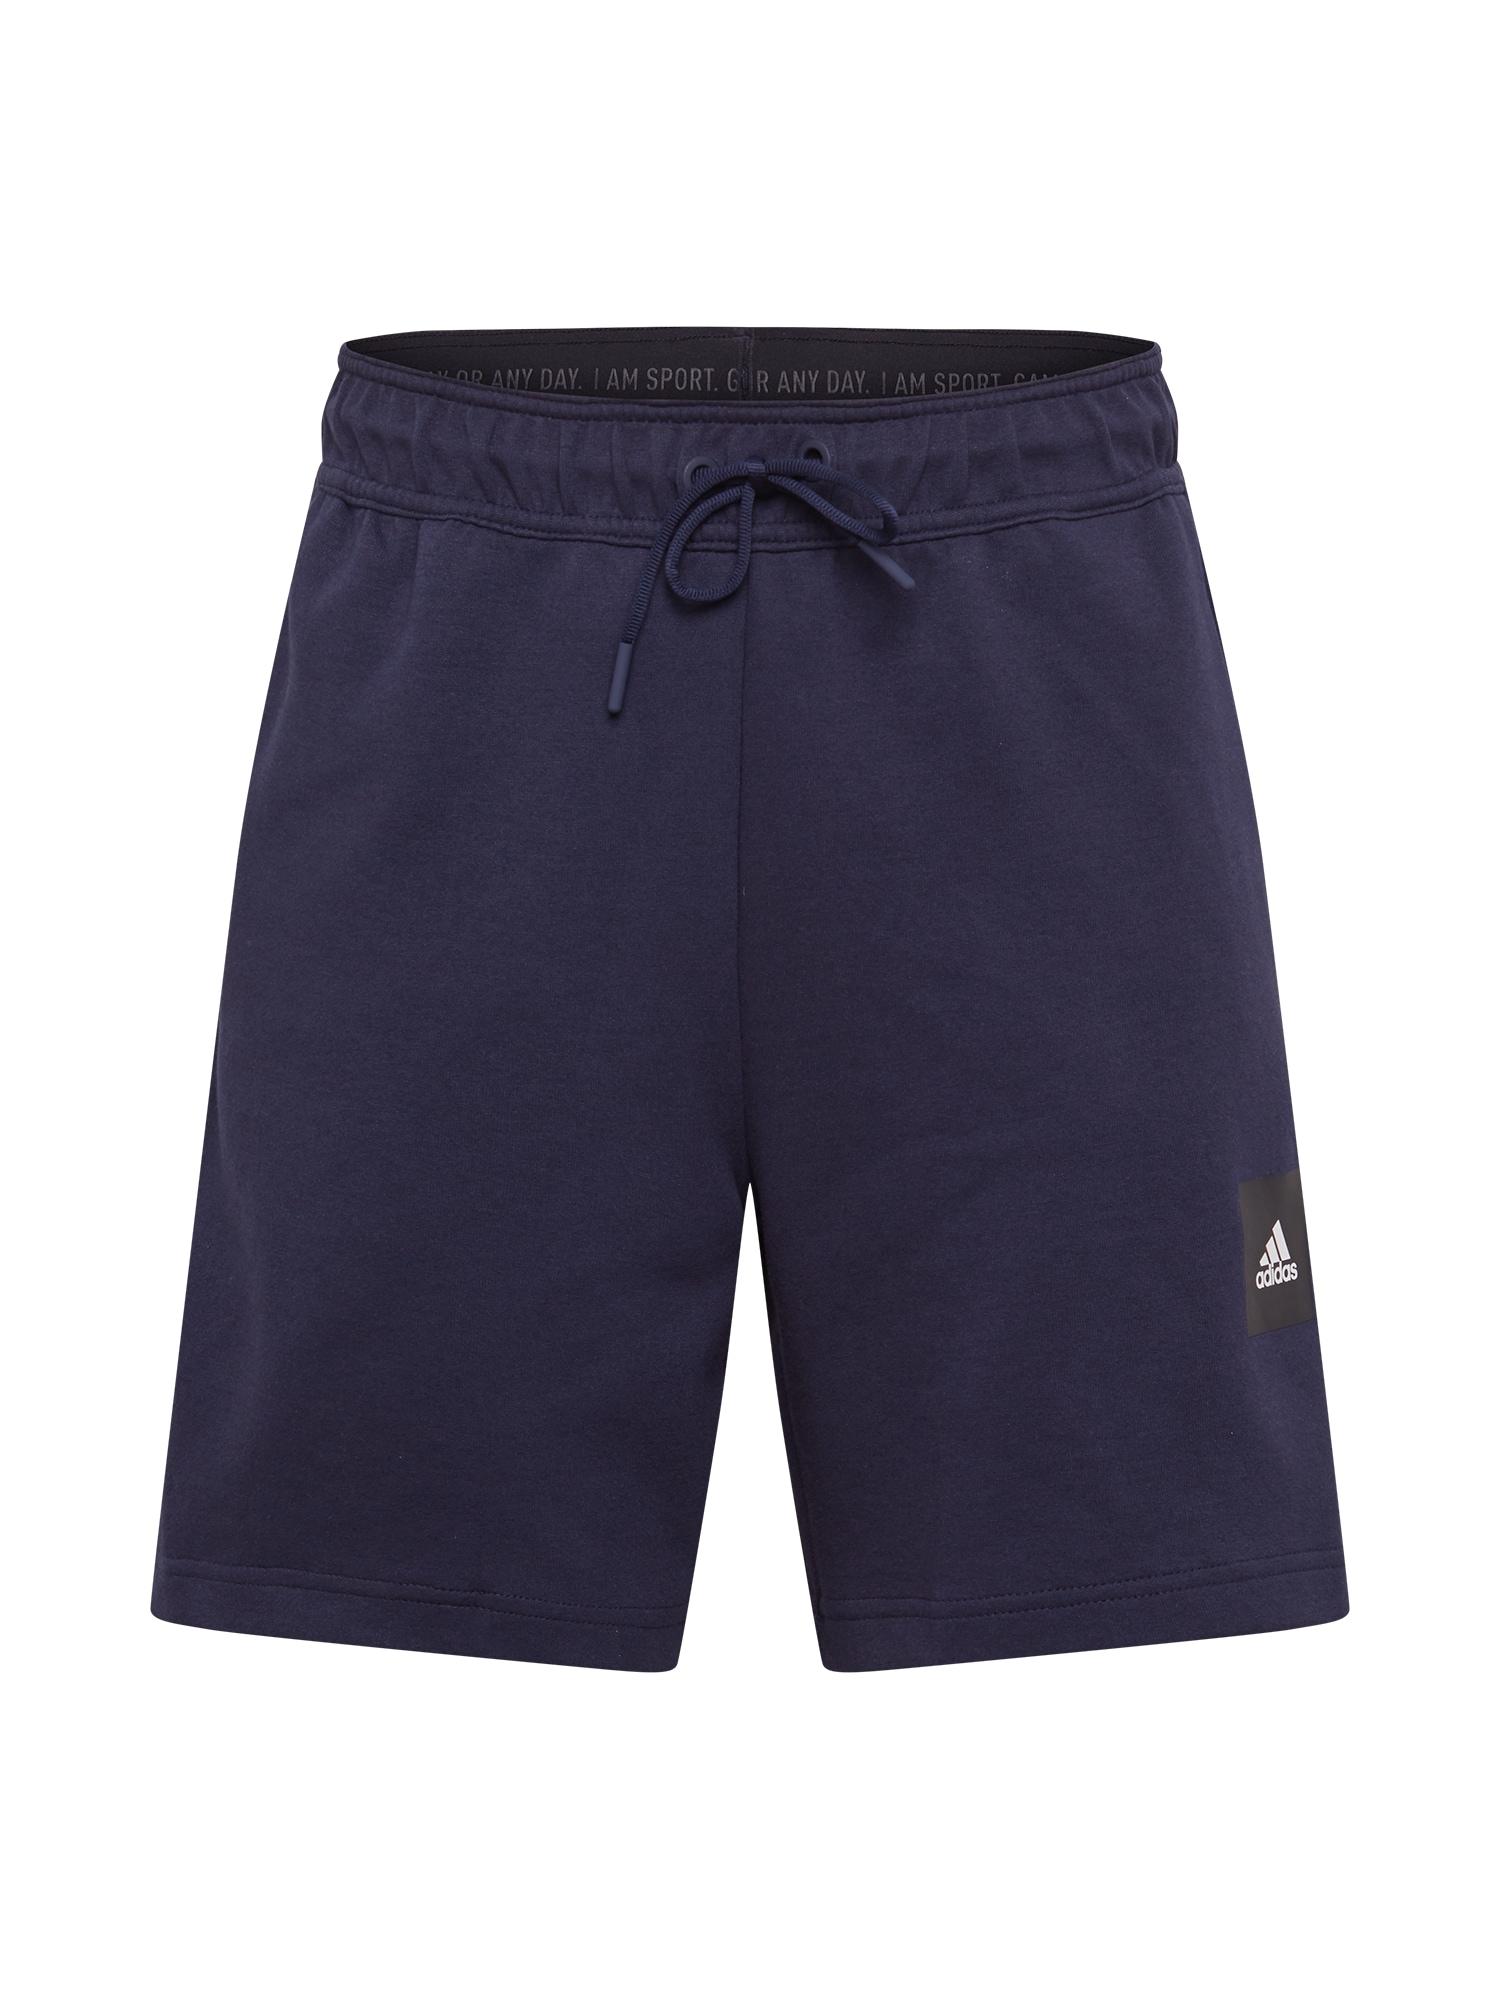 ADIDAS PERFORMANCE Sportinės kelnės tamsiai mėlyna / juoda / balta